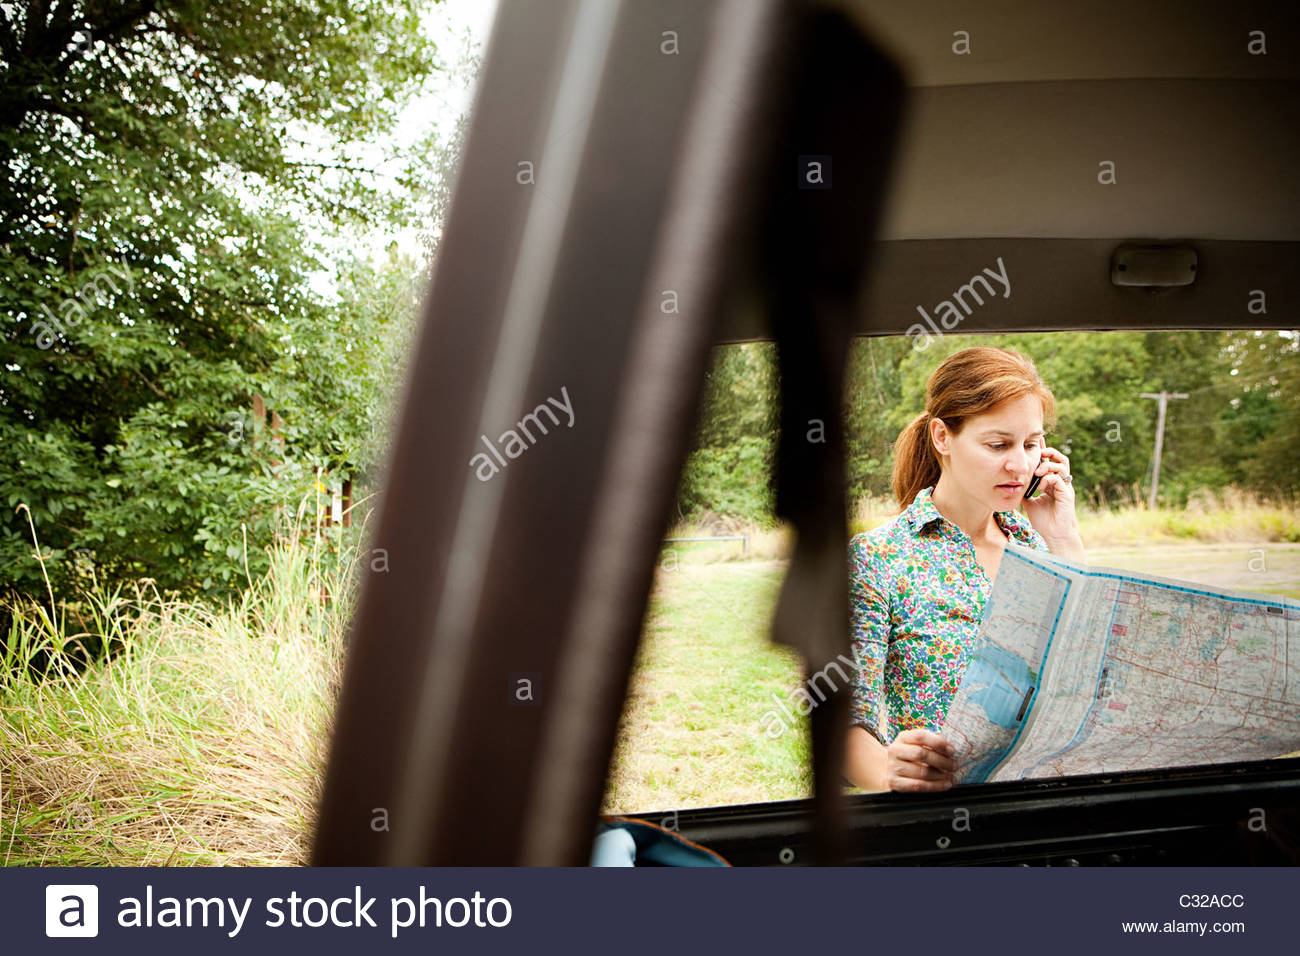 Frau mit Handy und Karte, angezeigt durch ein Auto Stockbild